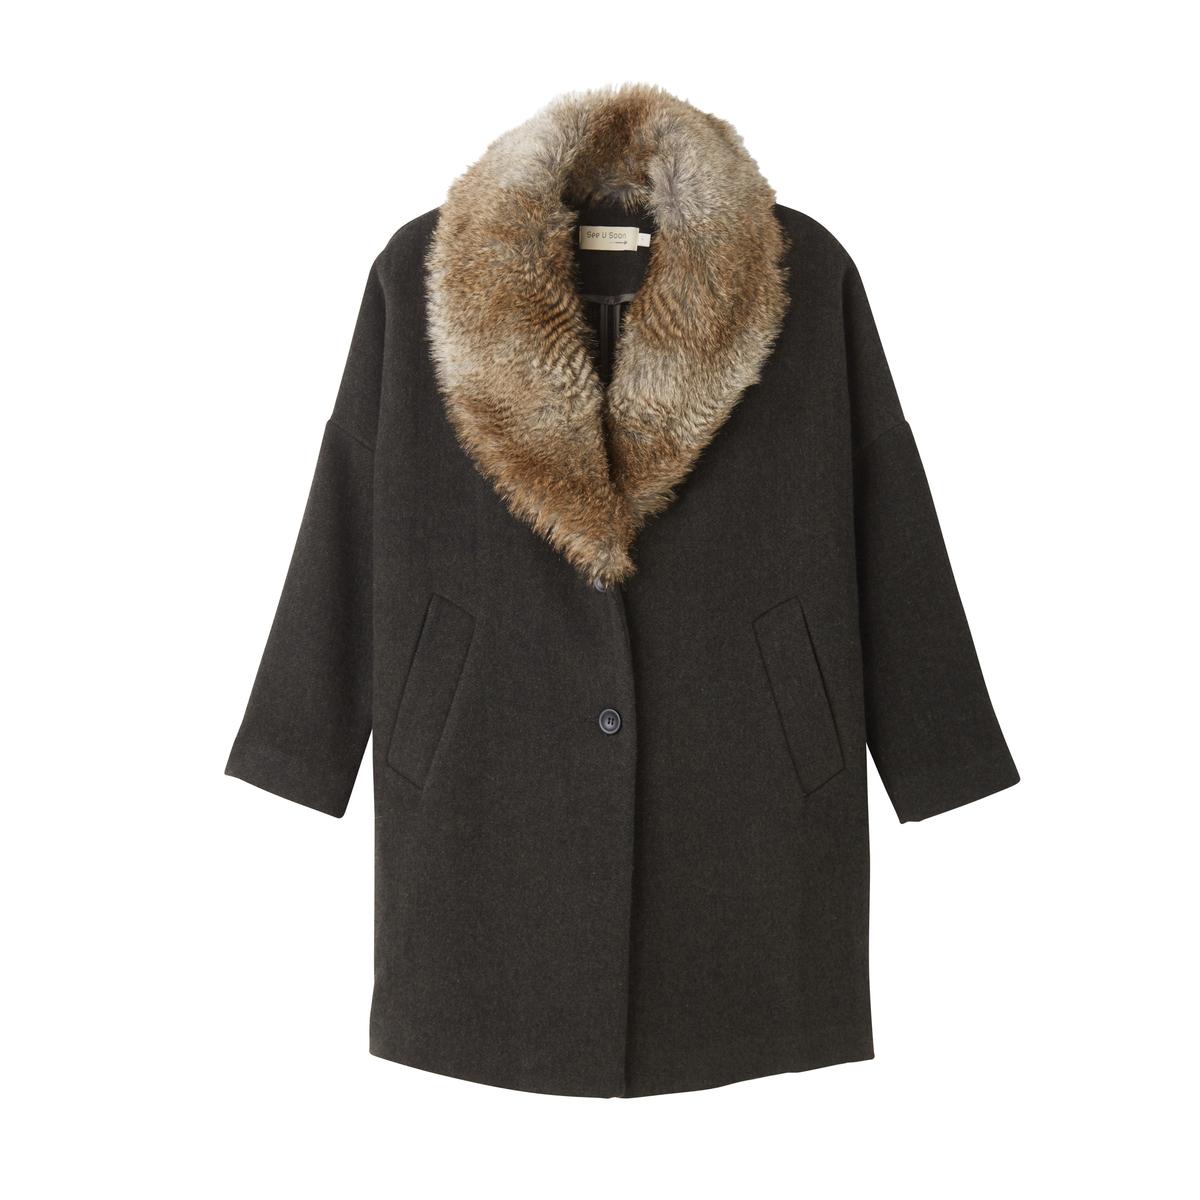 Пальто оверсайз с искусственным мехом пальто покроя оверсайз 48 % шерсти с начесом